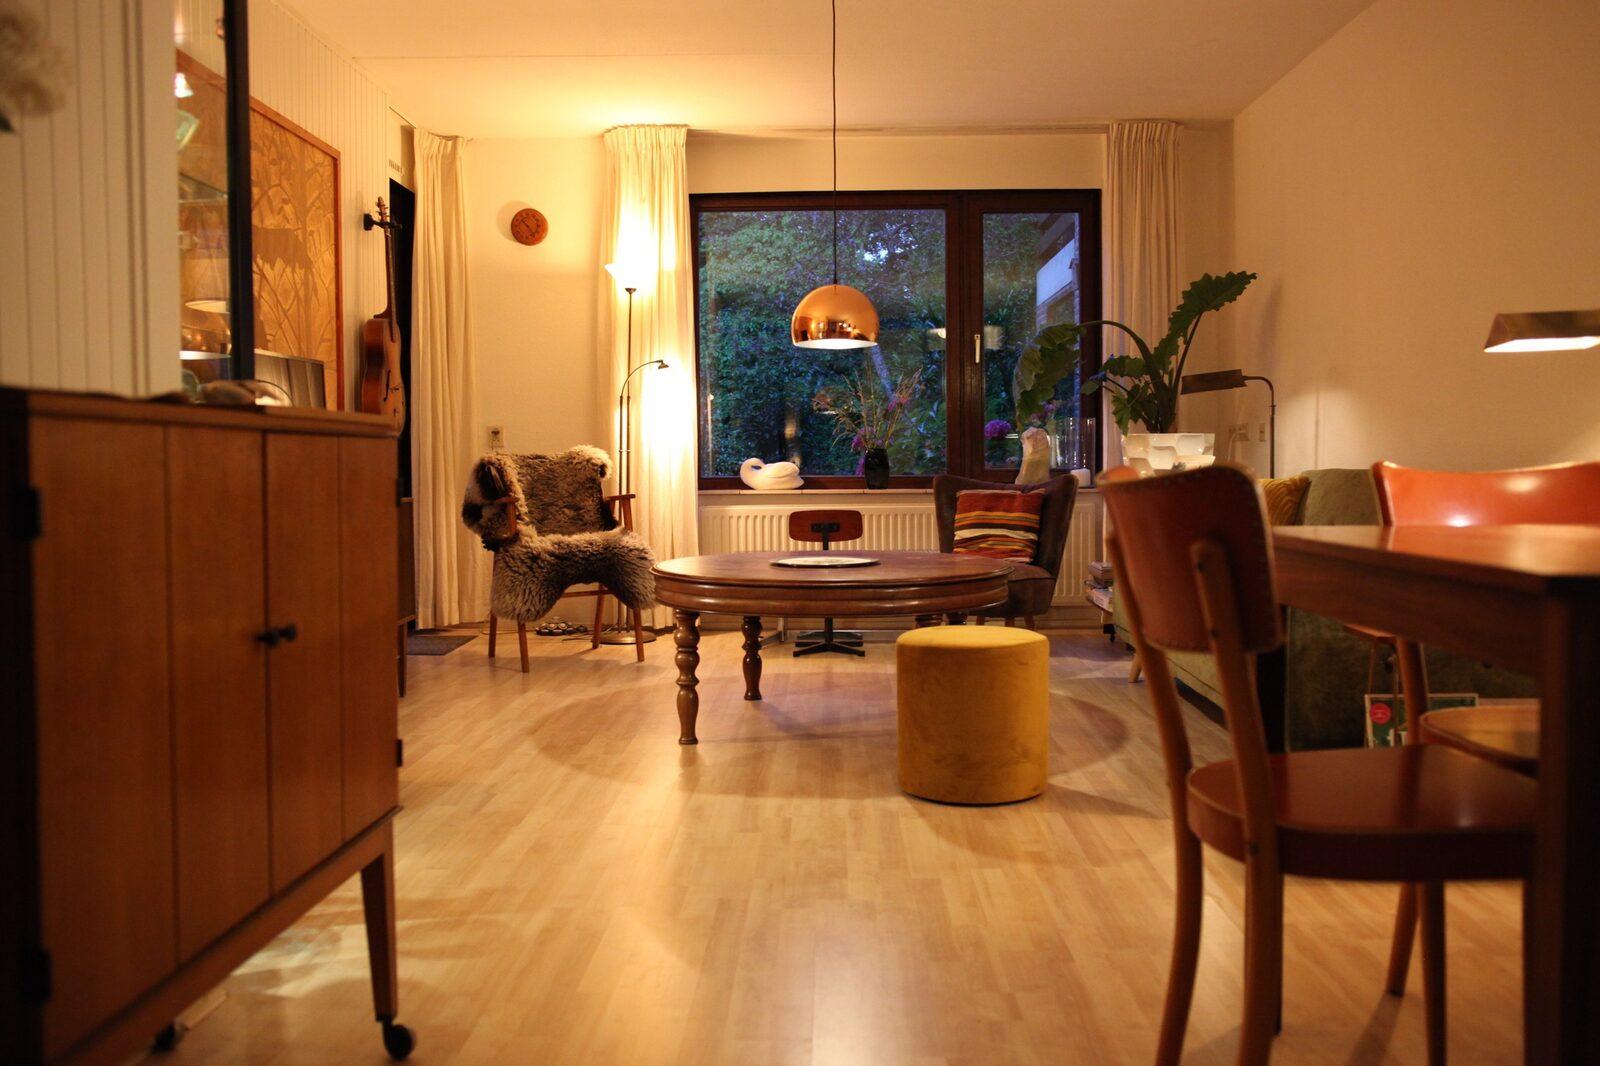 Appartement - Kievitenlaan 1 | Veere 'Nescio'